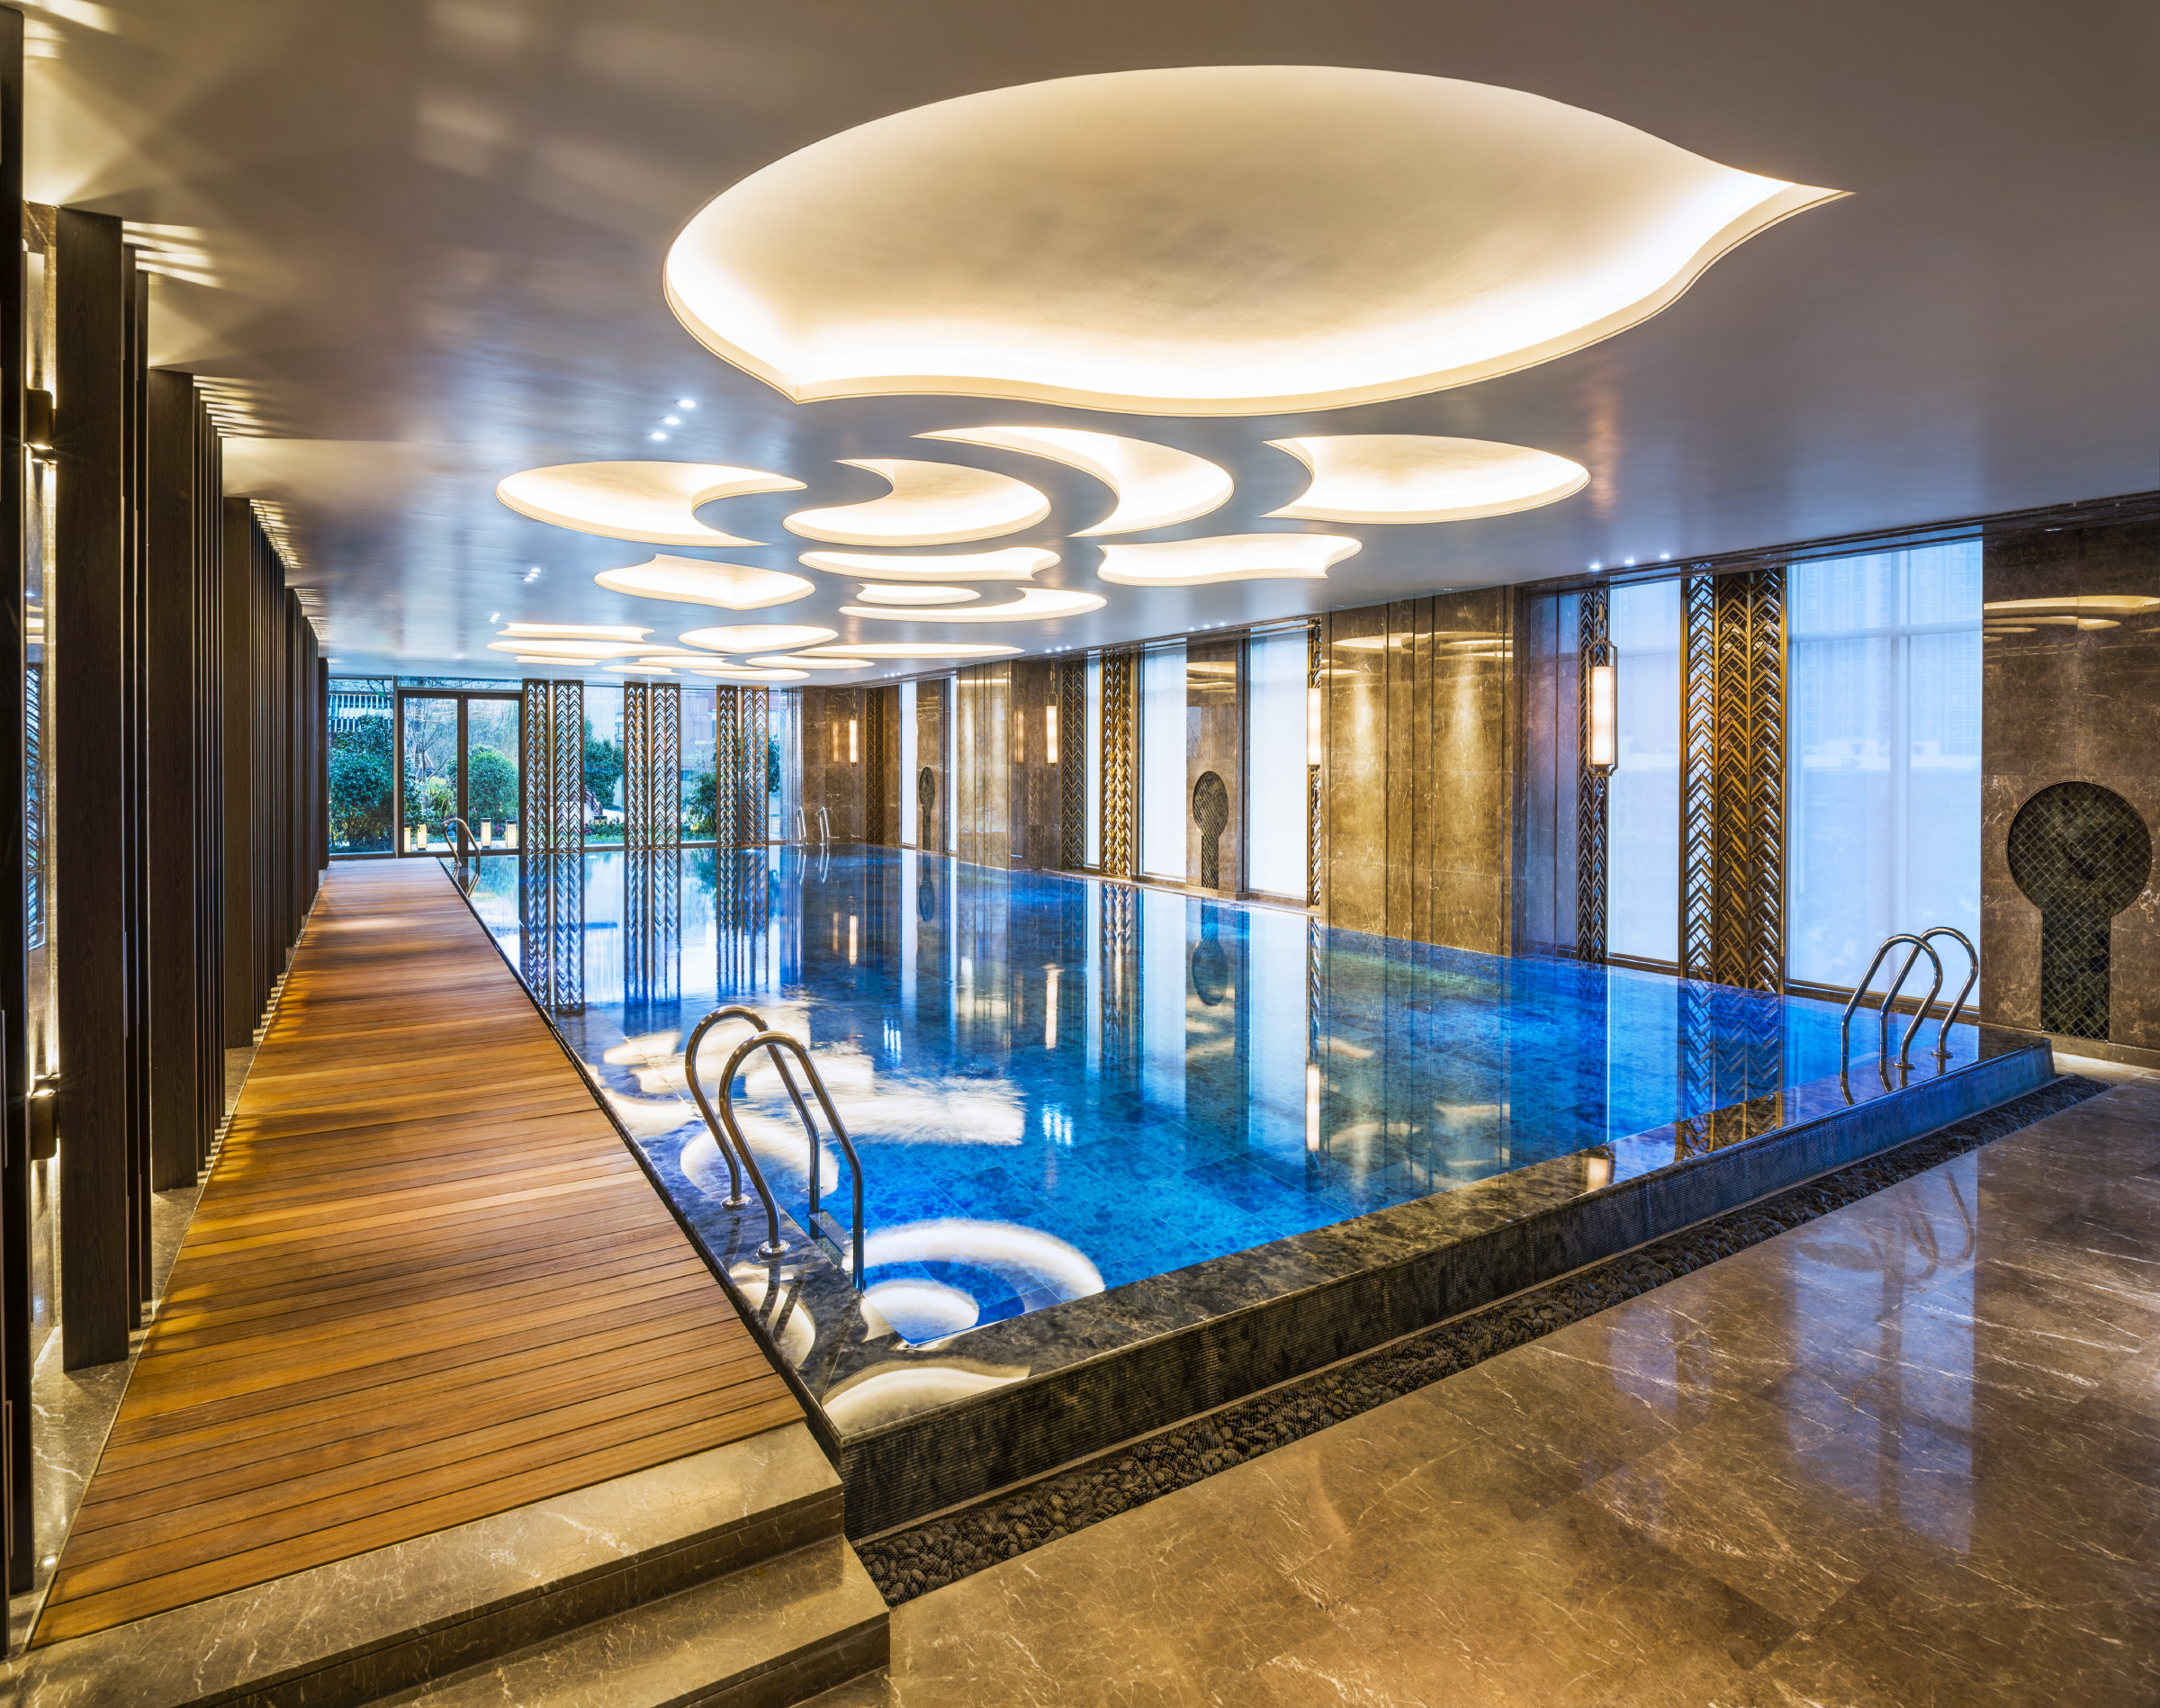 室内泳池 Swimming Pool-more bright.JPG